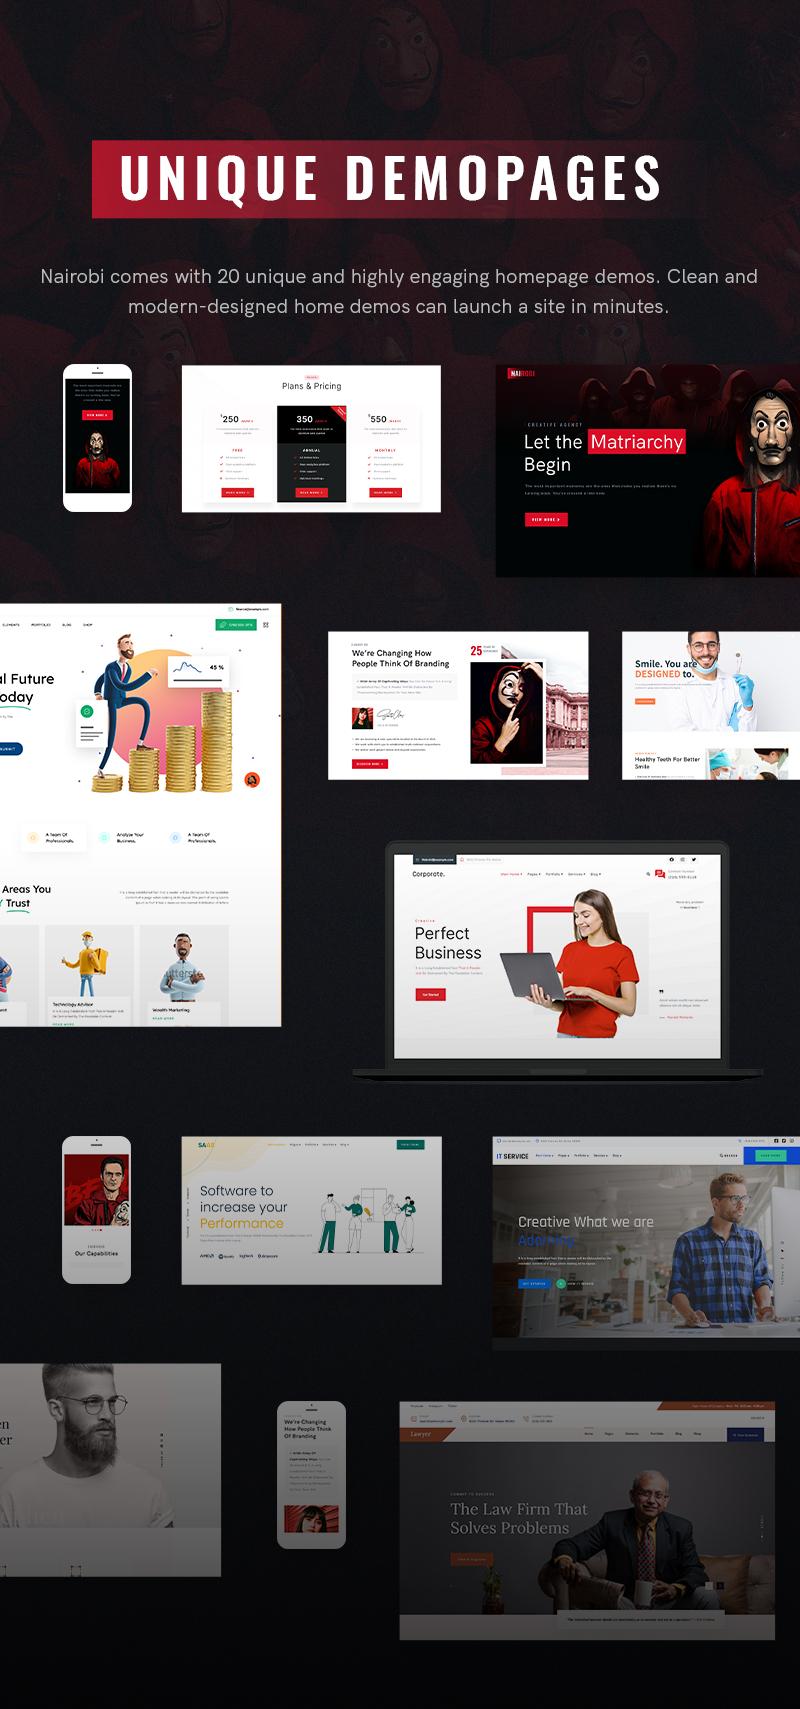 Creative Business WordPress Theme | Nairobi | Iqonic Design creative business wordpress theme Nairobi 4